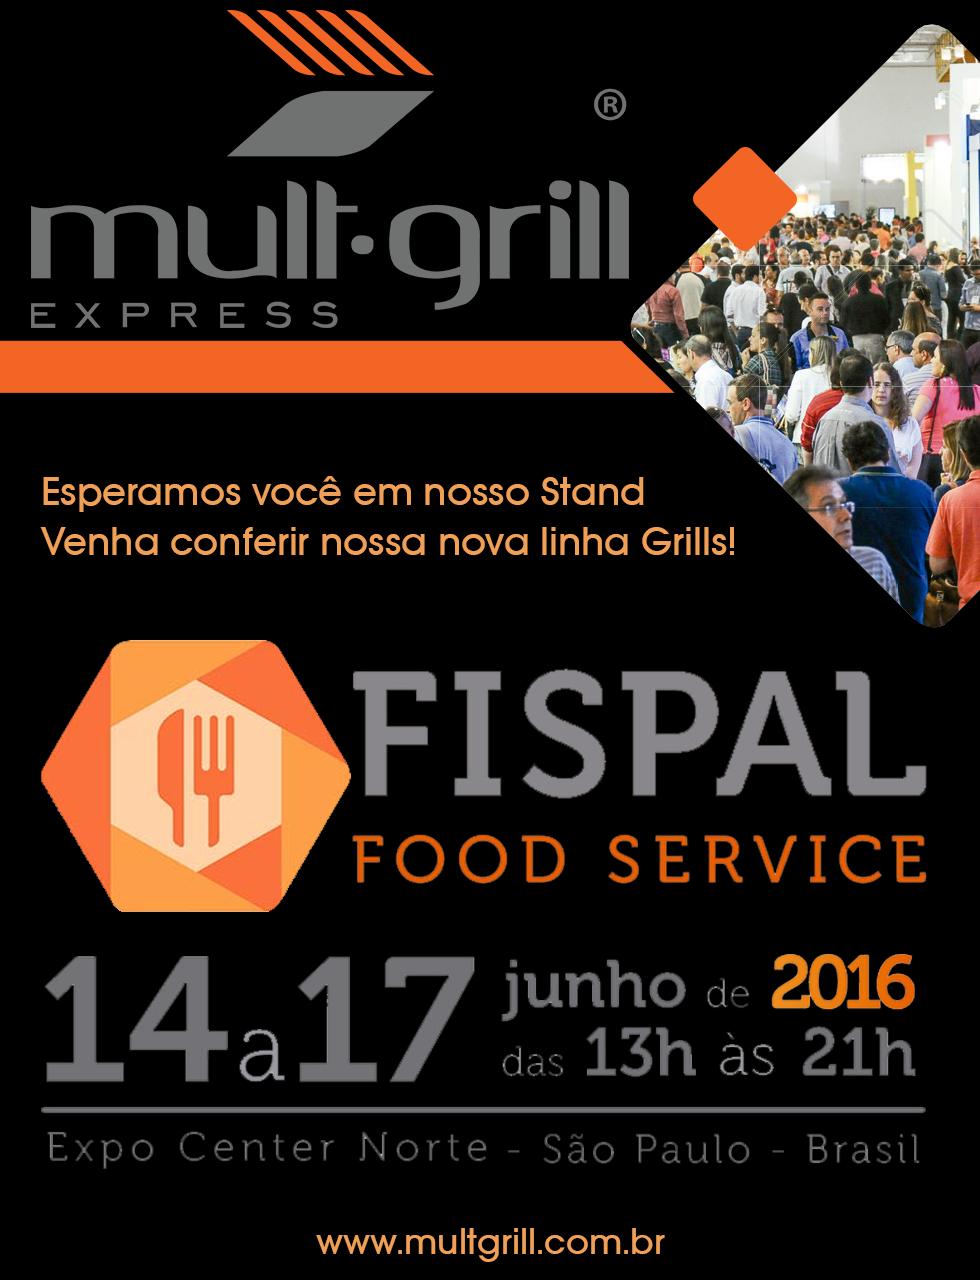 fispal-2016-multgrill-visite